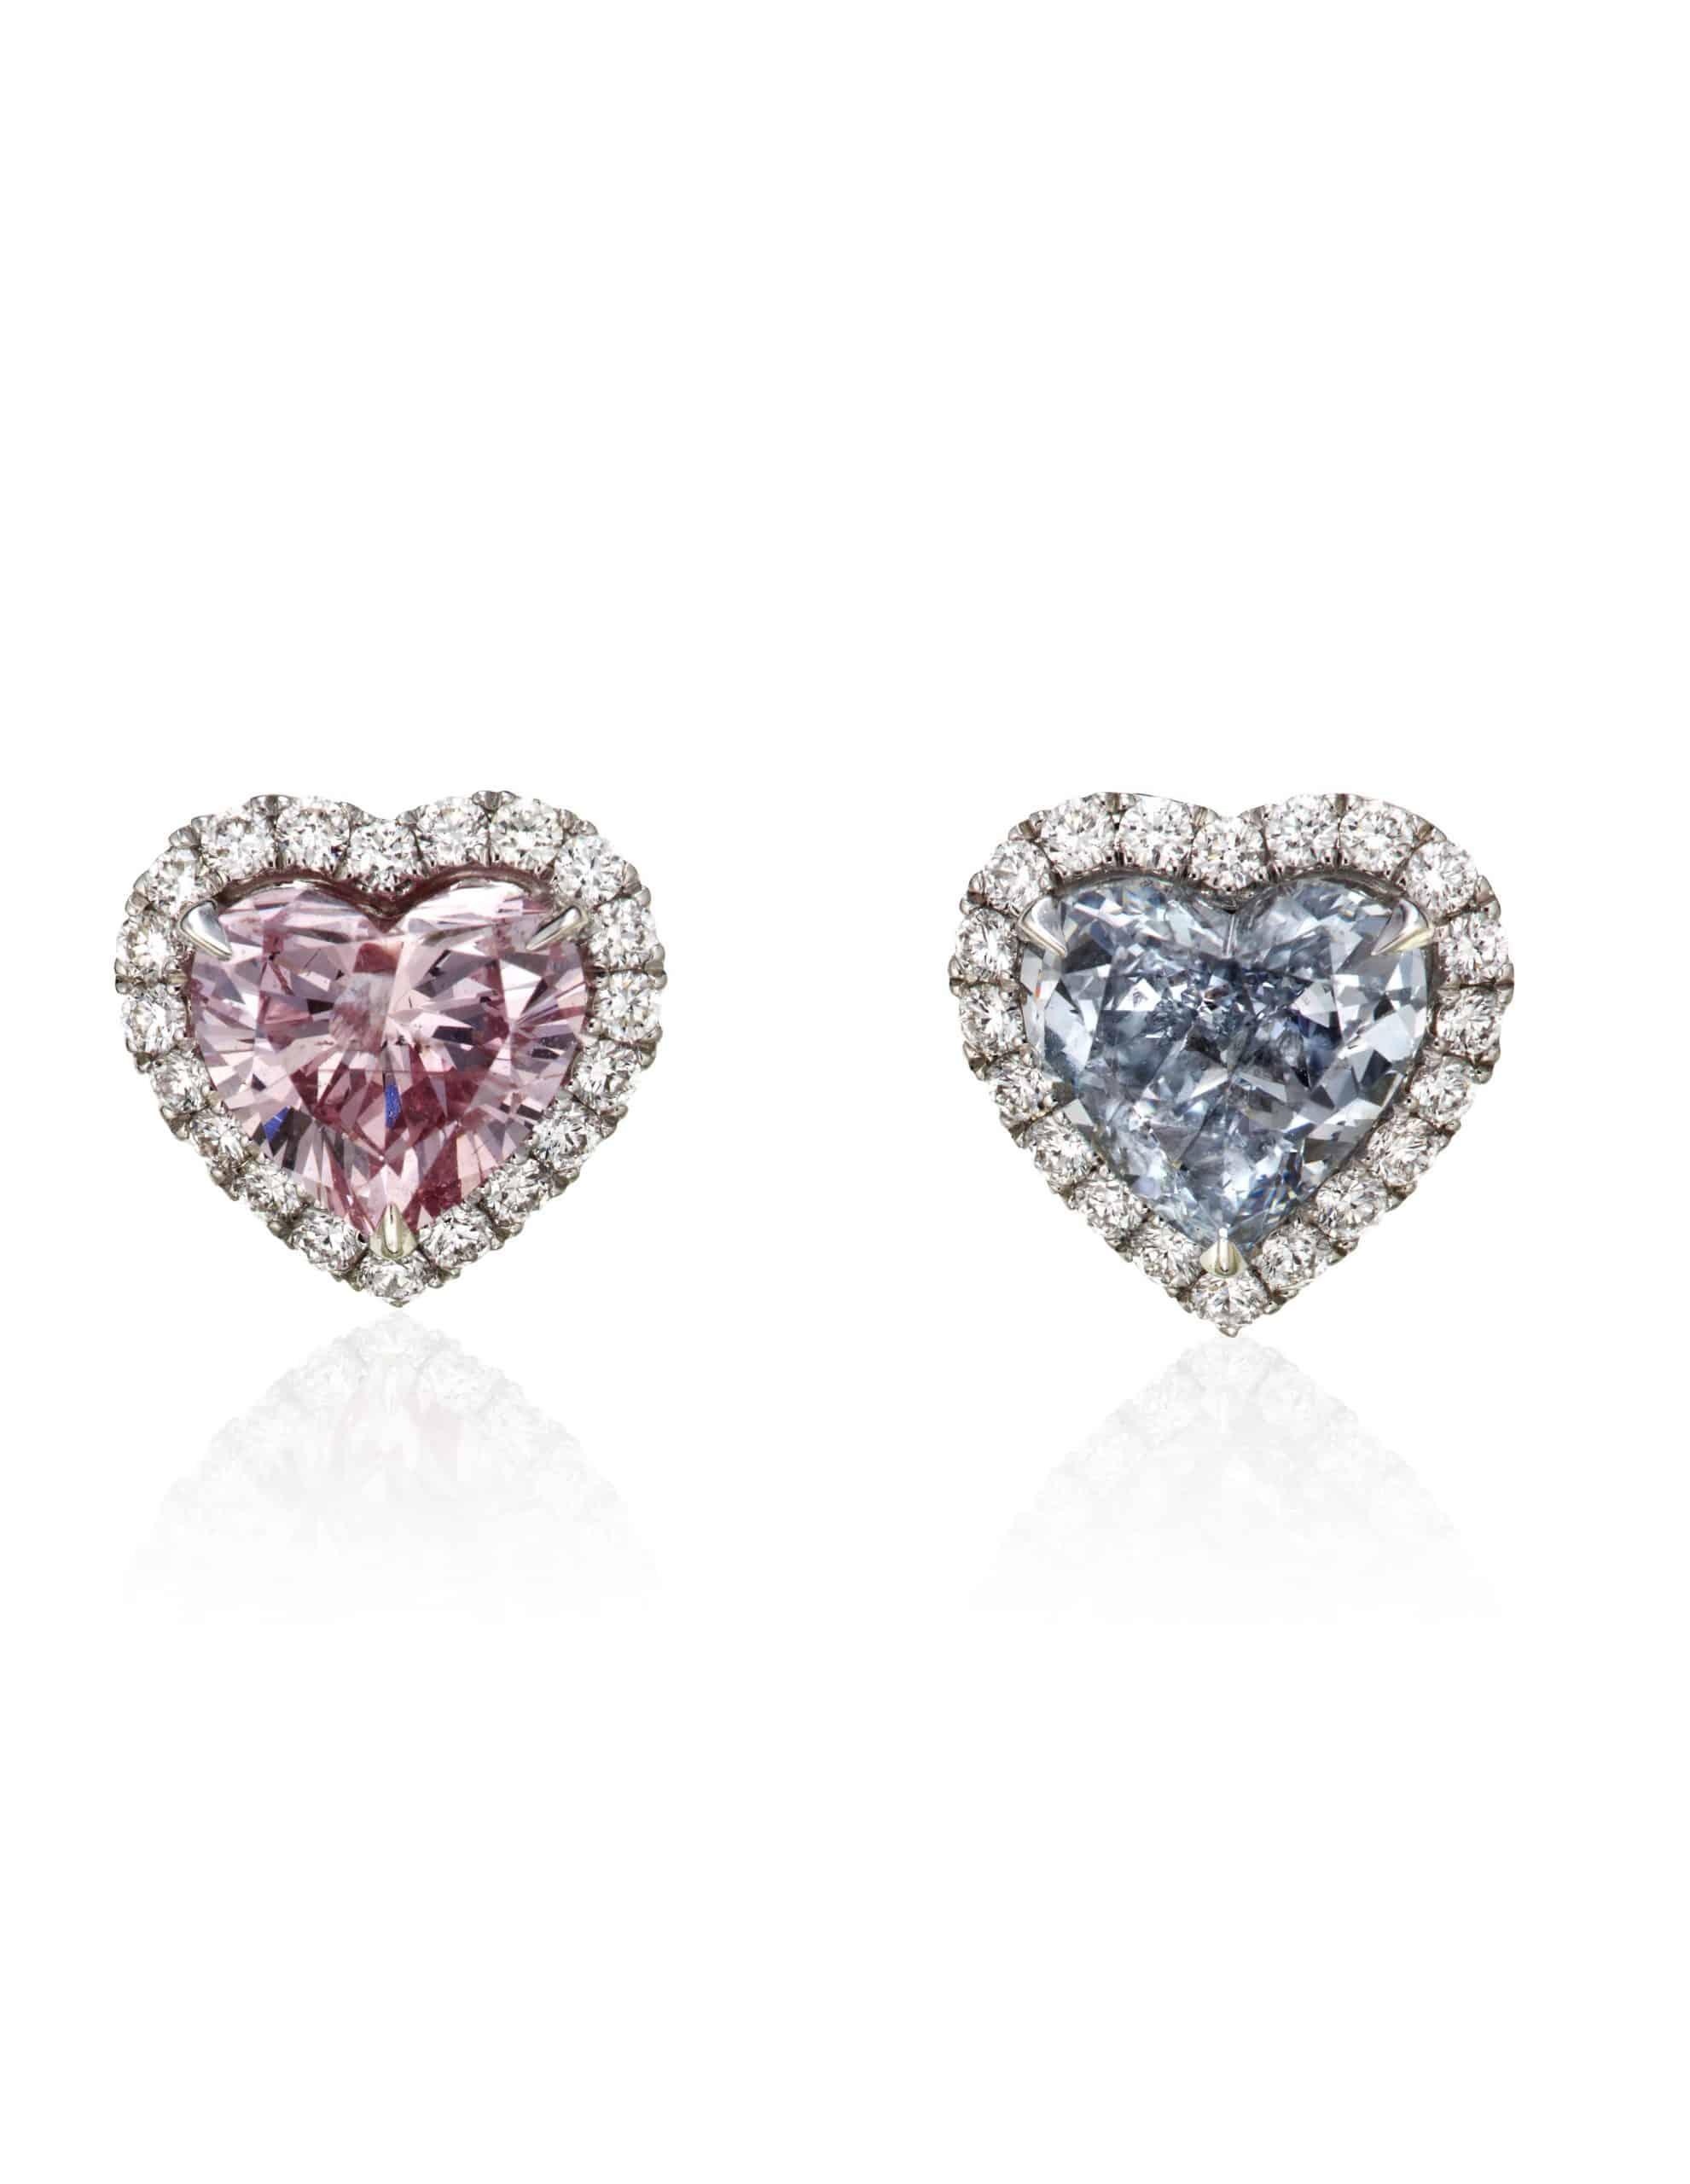 HEART-SHAPED COLOREDDIAMOND AND DIAMOND EARRINGS